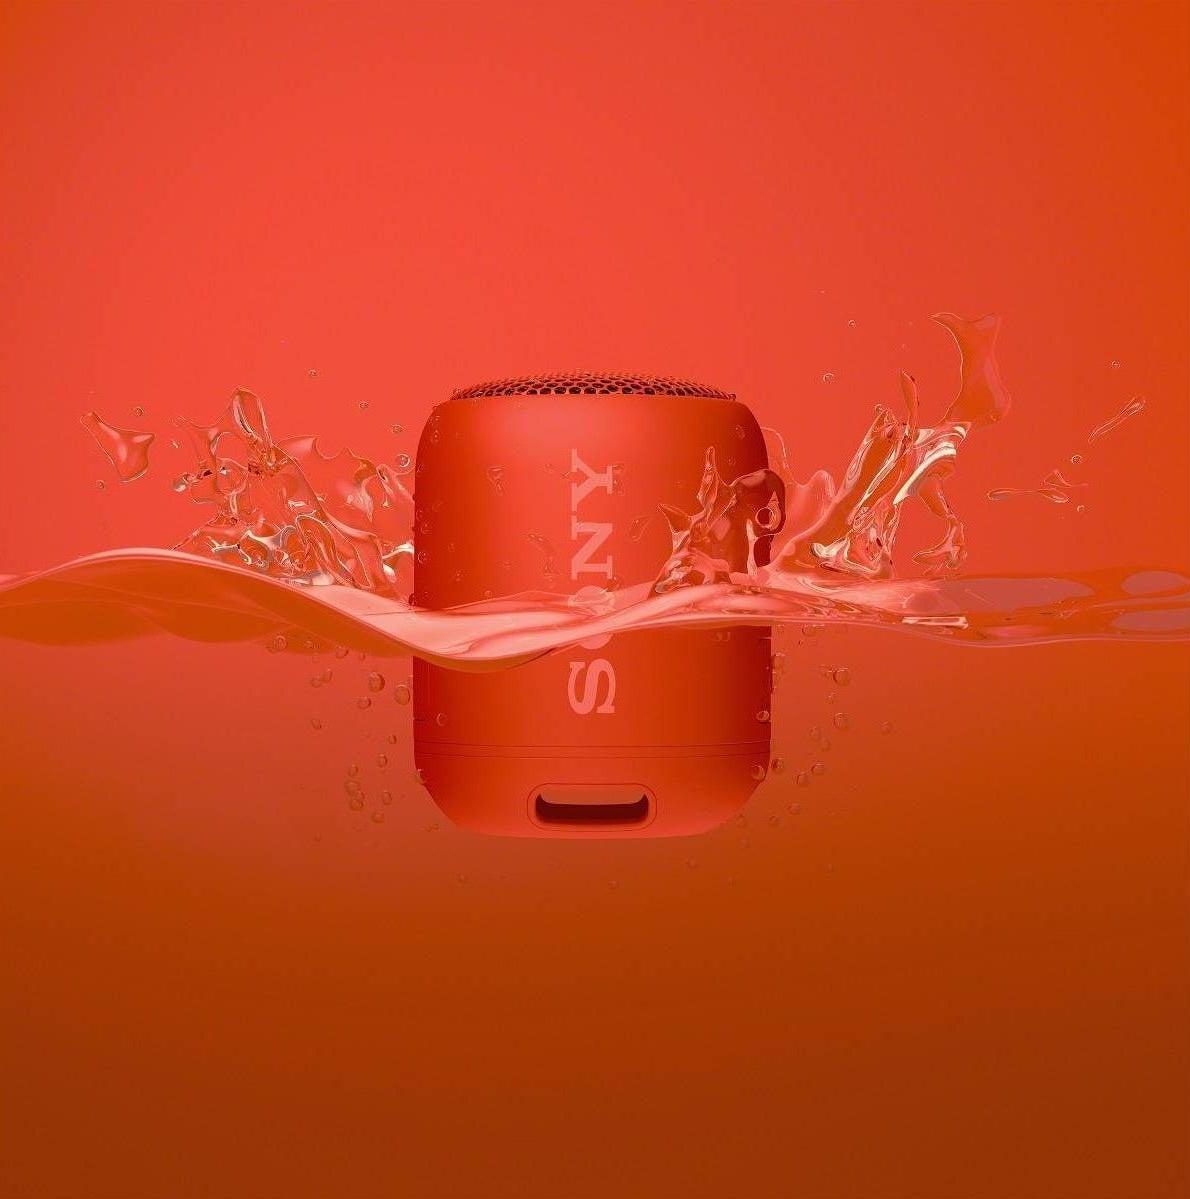 red sony wireless speaker